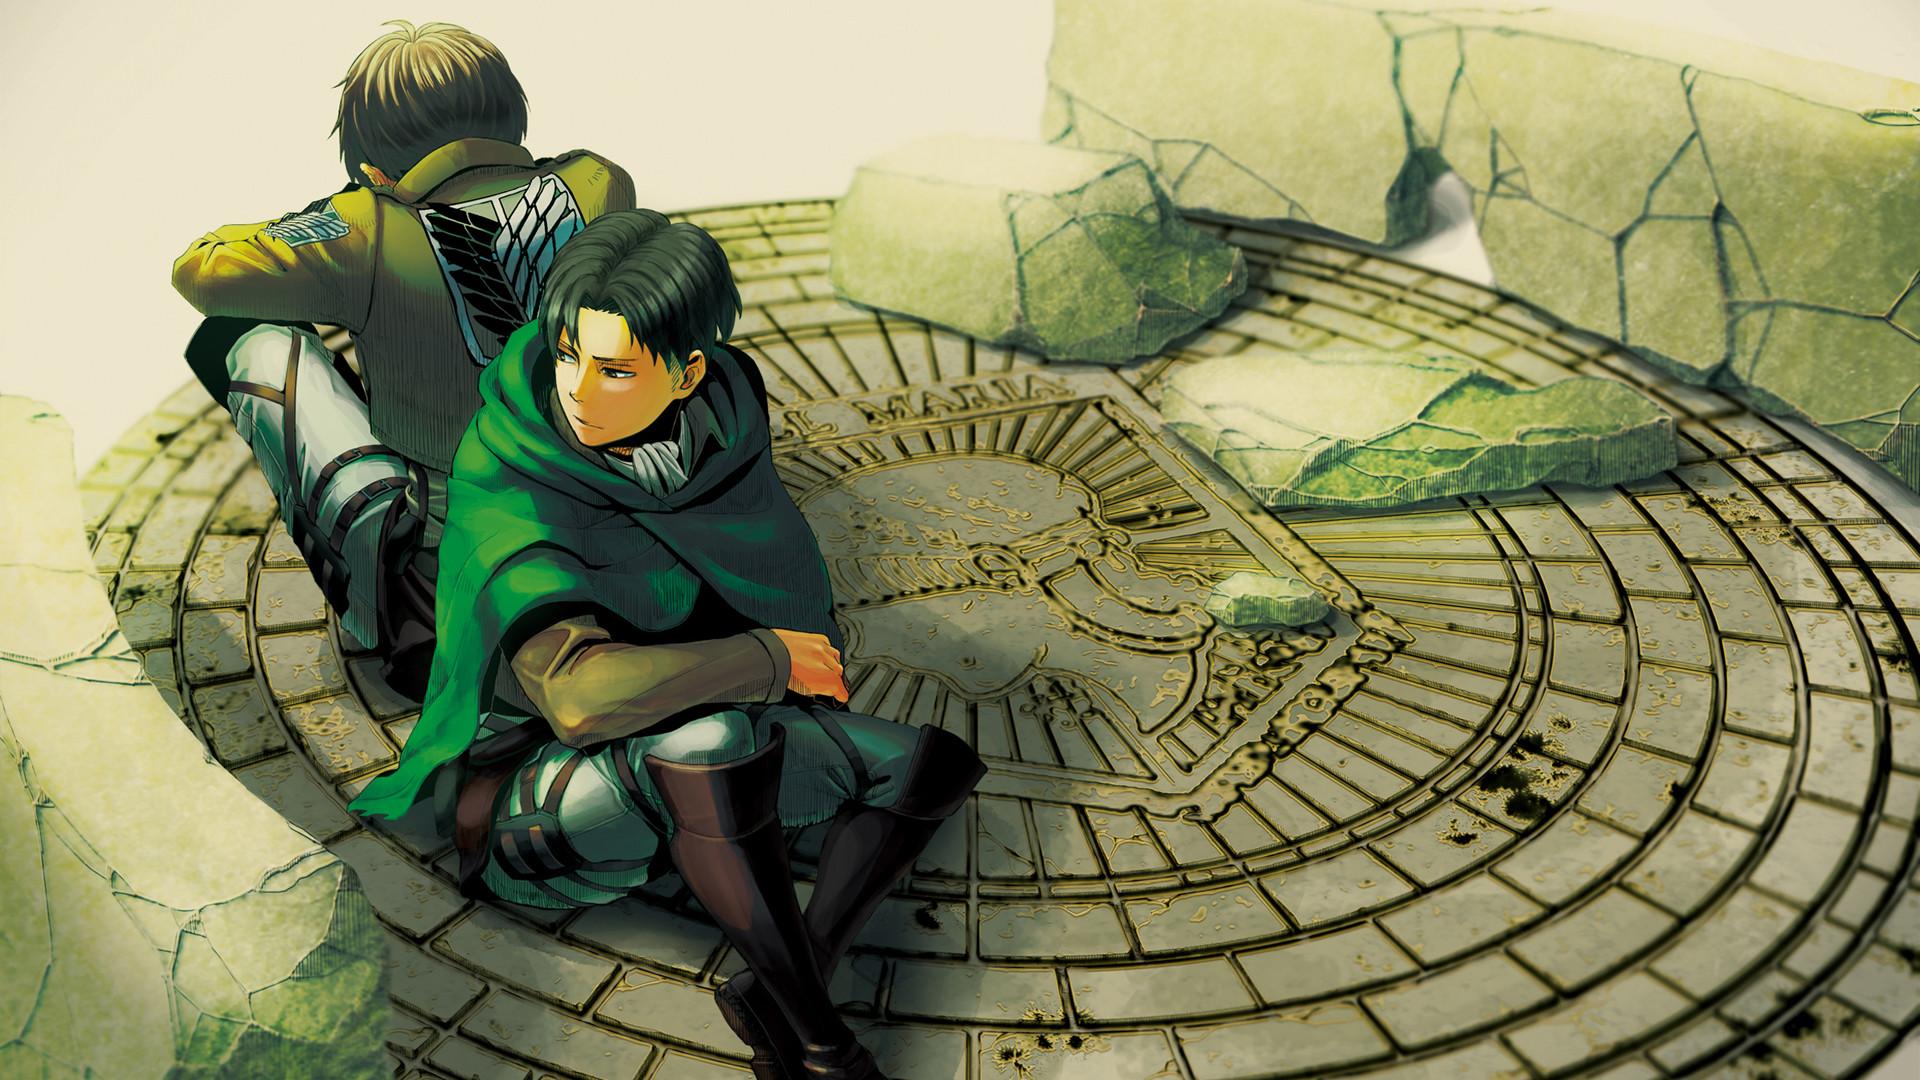 eren-jaeger-levi-attack-on-titan-anime-hd-wallpaper-1920×1080.jpg  (1920×1080)   Ereri   Pinterest   Anime